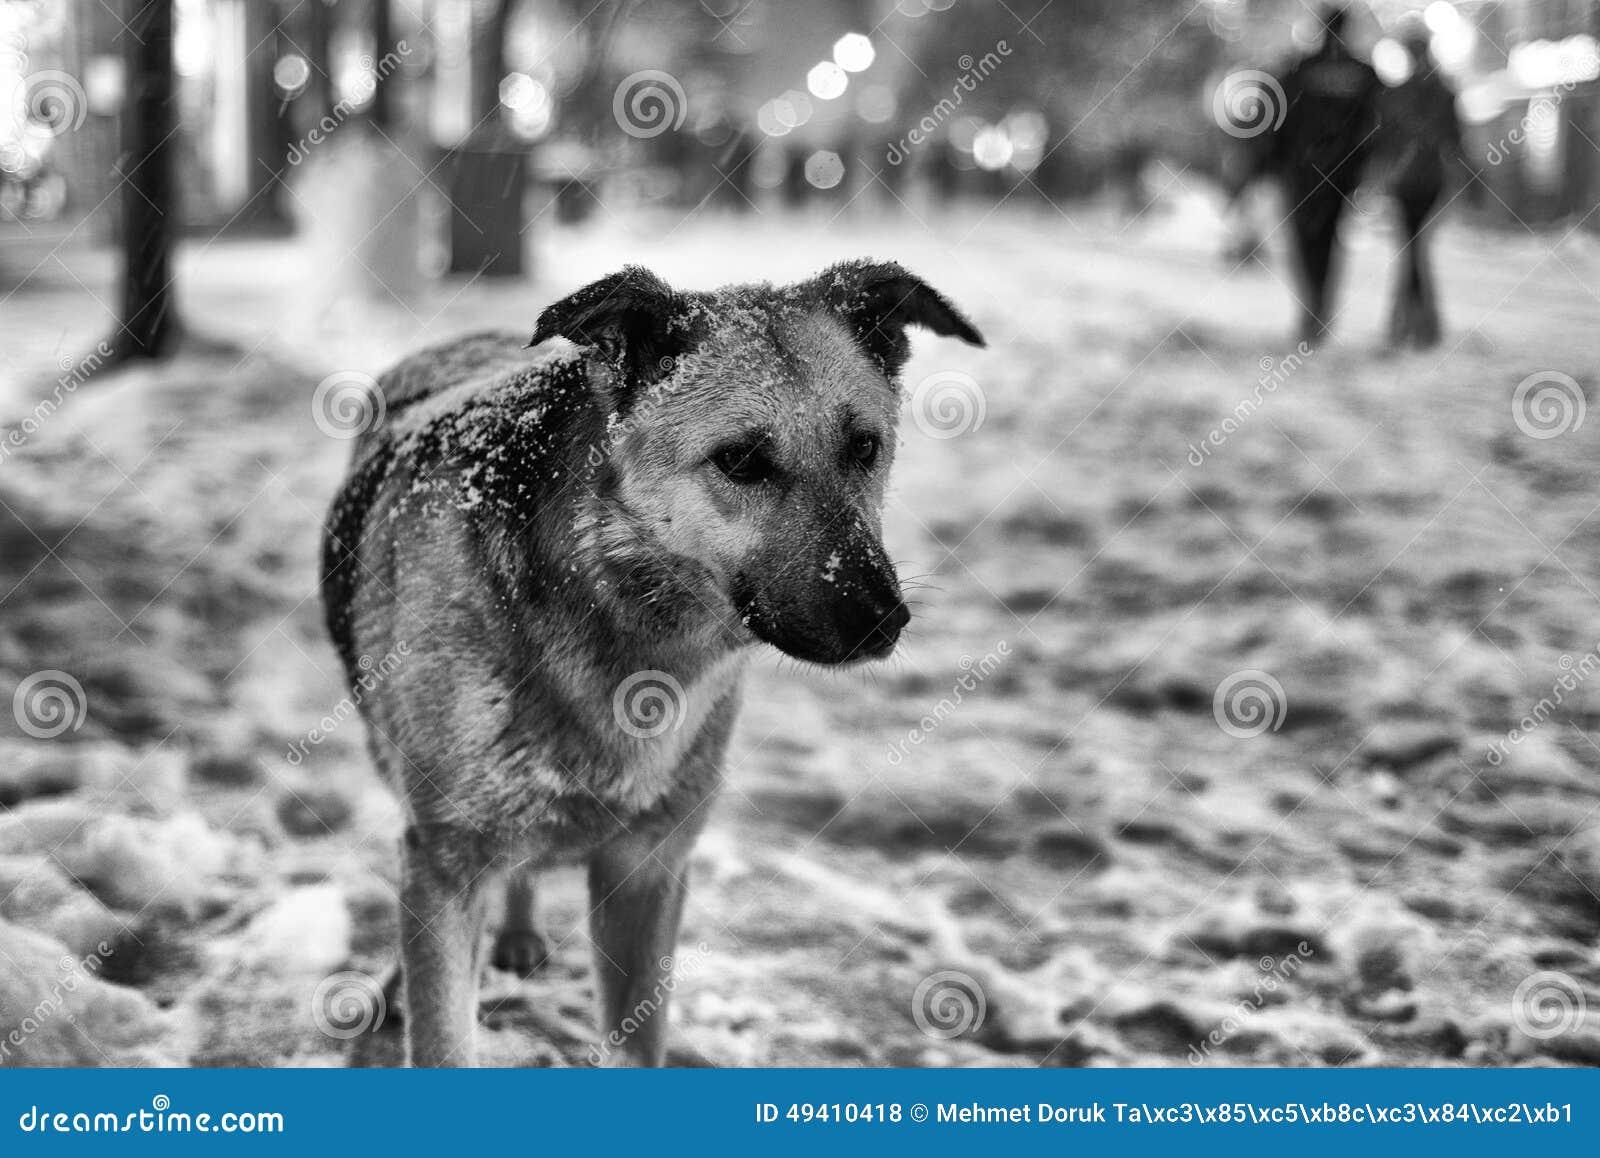 Download Trauriger Hund im Winter stockfoto. Bild von pelz, inländisch - 49410418